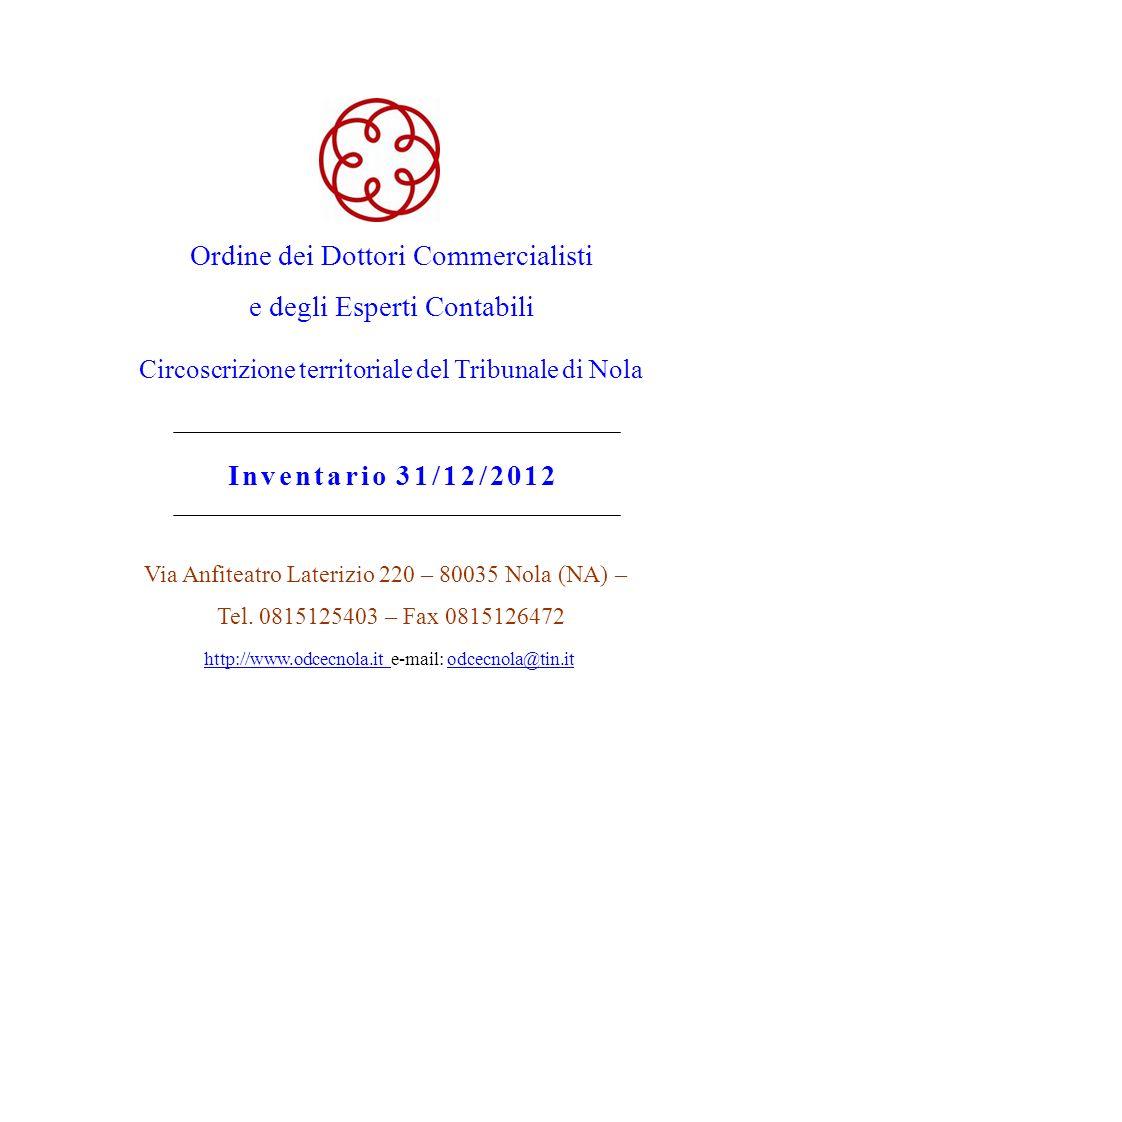 Ordine dei Dottori Commercialisti e degli Esperti Contabili Circoscrizione territoriale del Tribunale di Nola Inventario 31/12/2012 Via Anfiteatro Lat